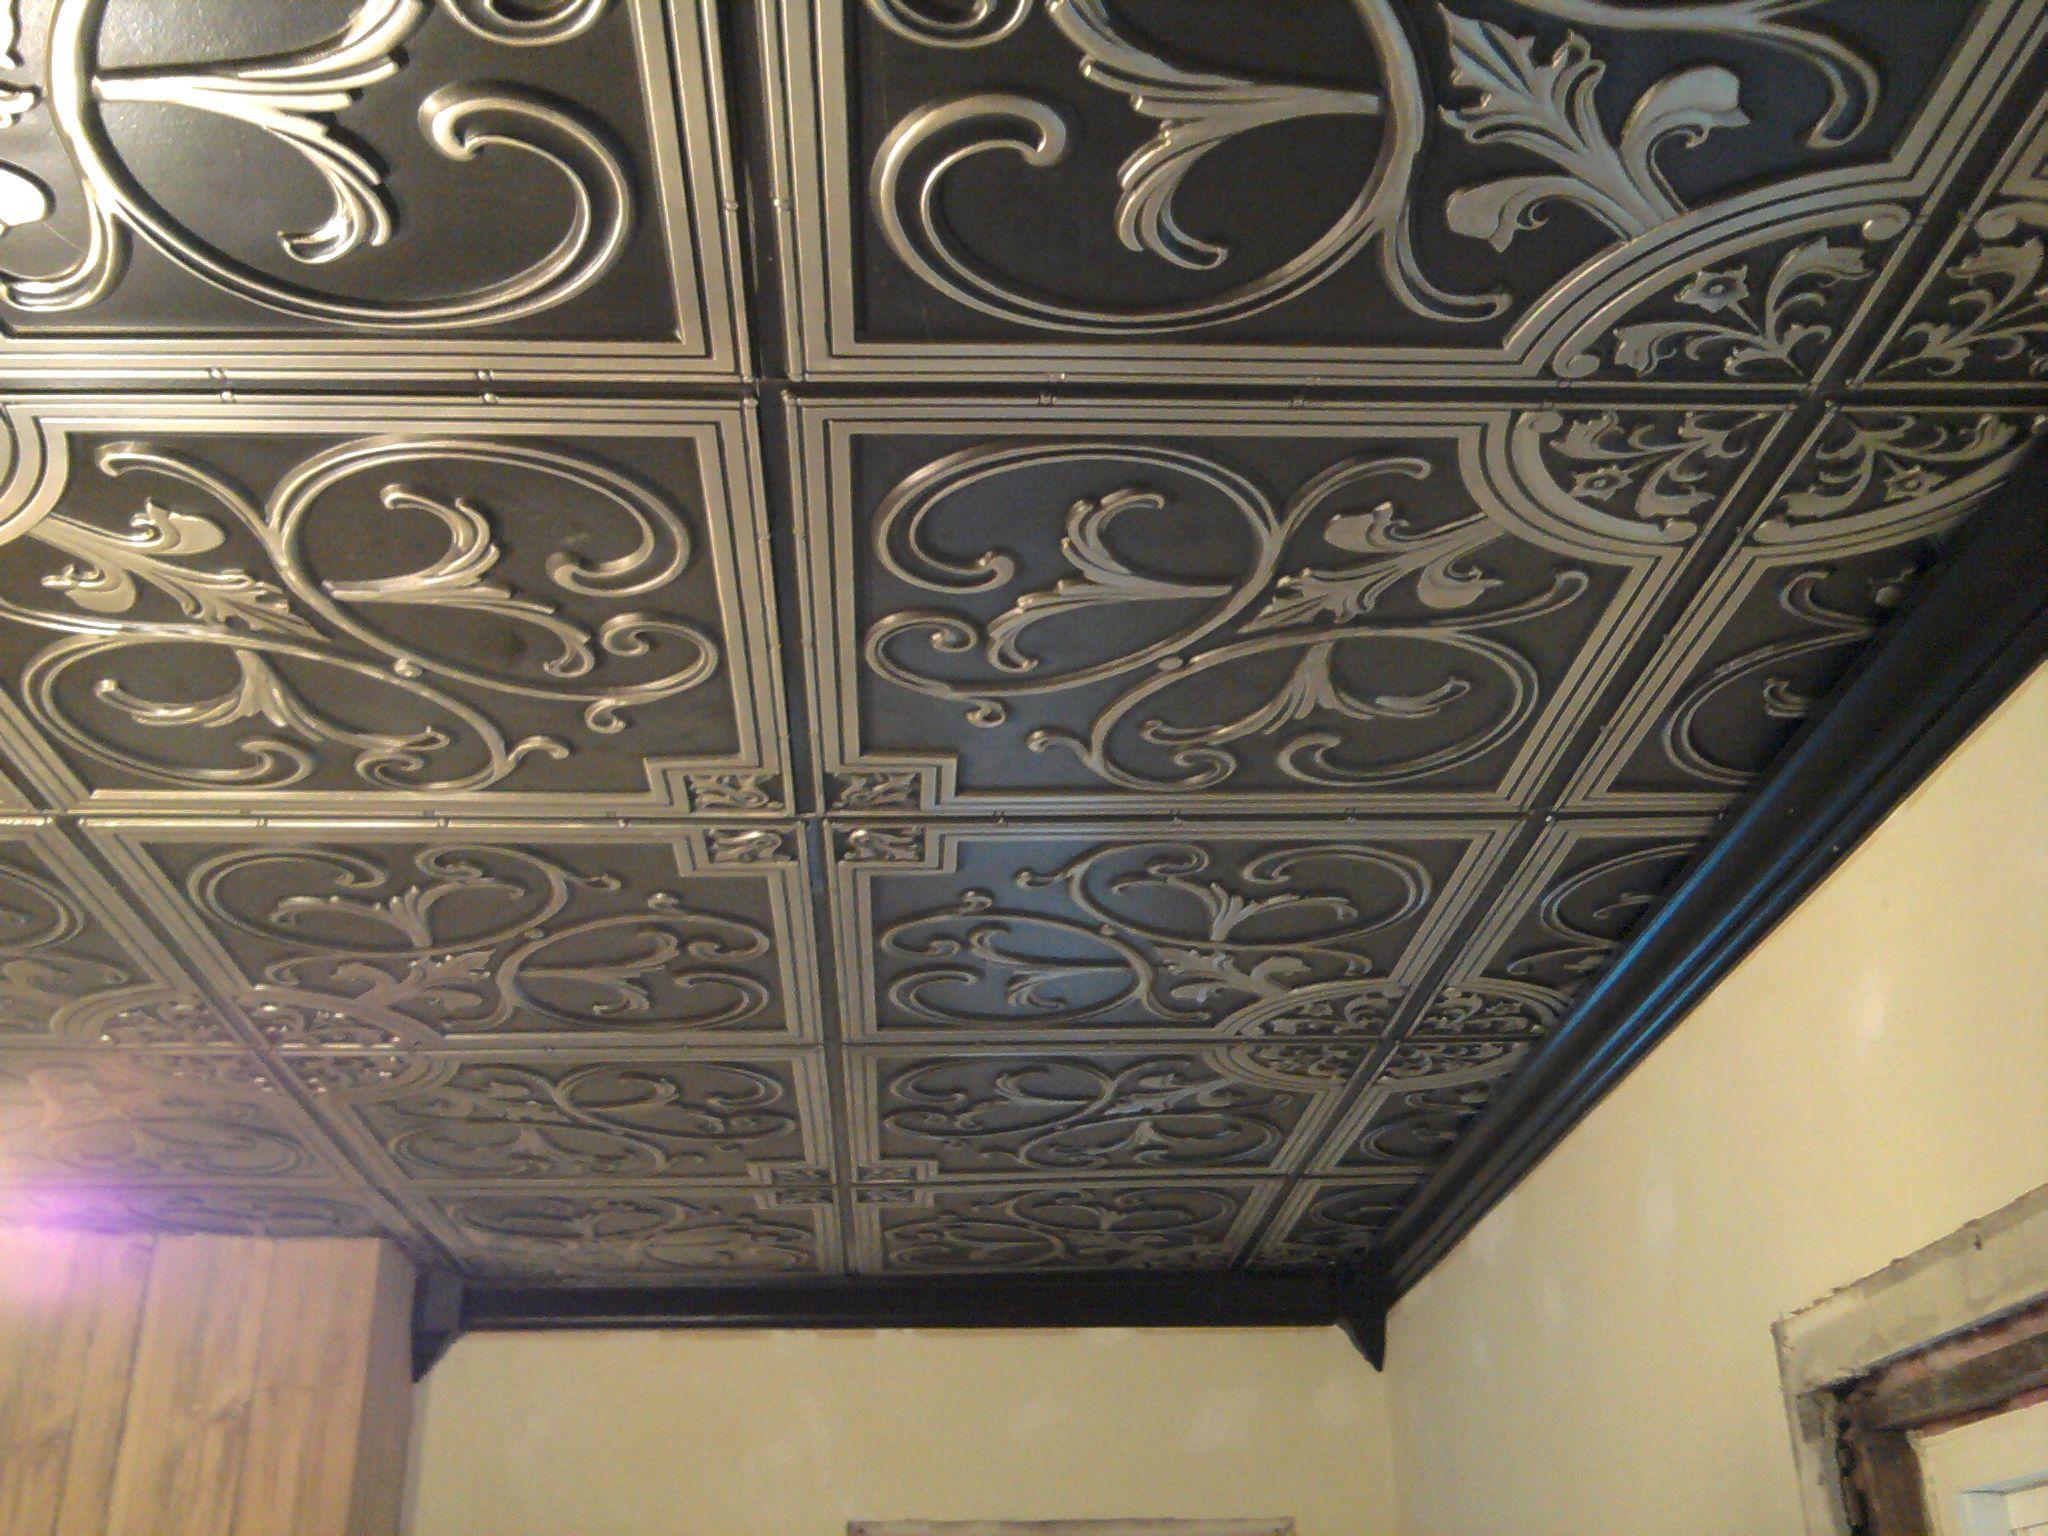 Plastic Ceiling Tiles Antique Silver 2x2 Styrofoam Drop